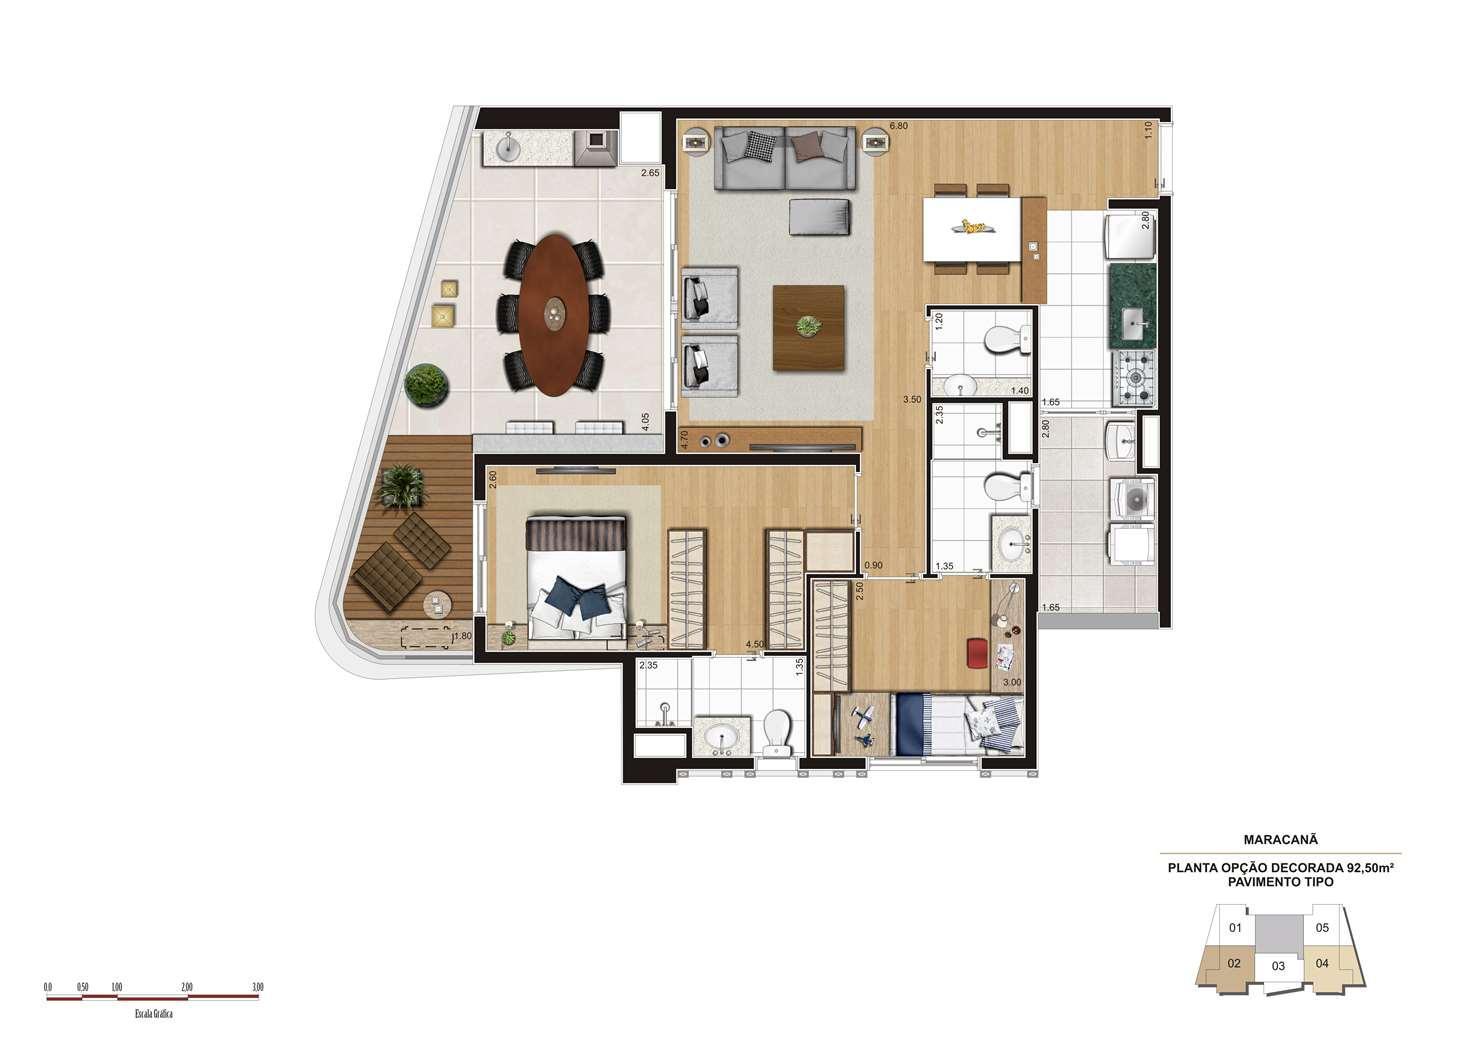 Planta opção 92m² | Cyrela 2014 The Year Edition – Apartamentono  Alto da Lapa - São Paulo - São Paulo